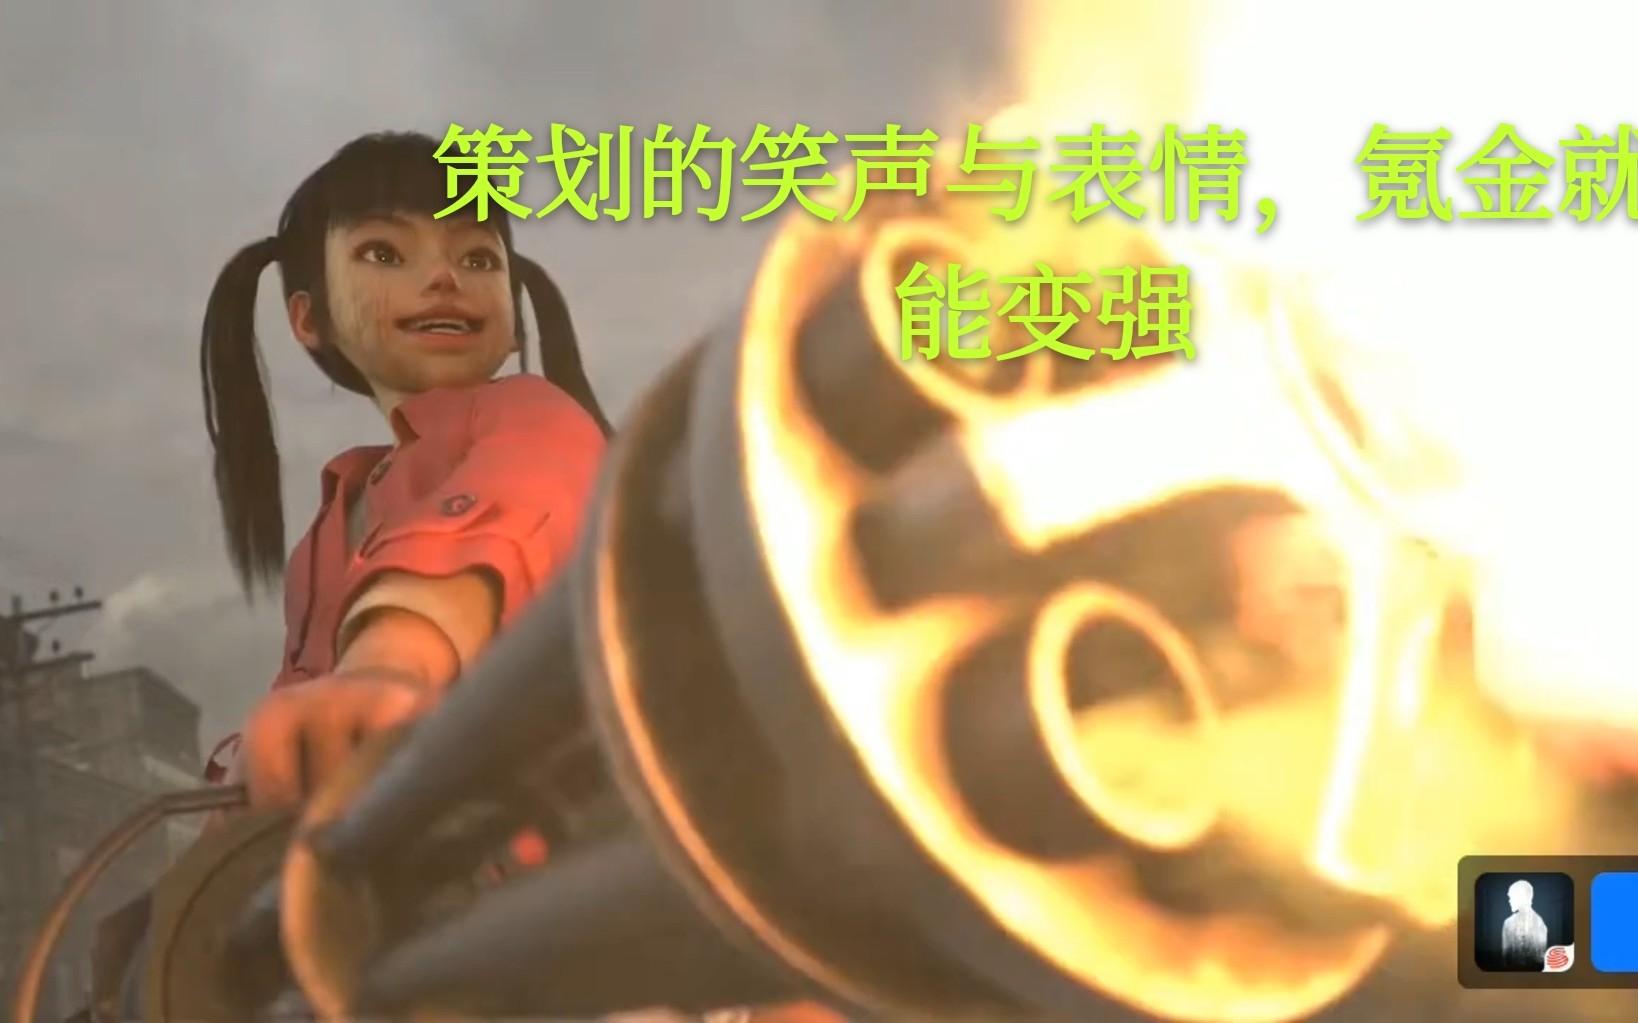 明日之后新宣传片出来了,女孩手持加特林,笑死我了哈哈哈哈哈哈哈哈哈哈哈哈哈哈哈,氪金就能变强